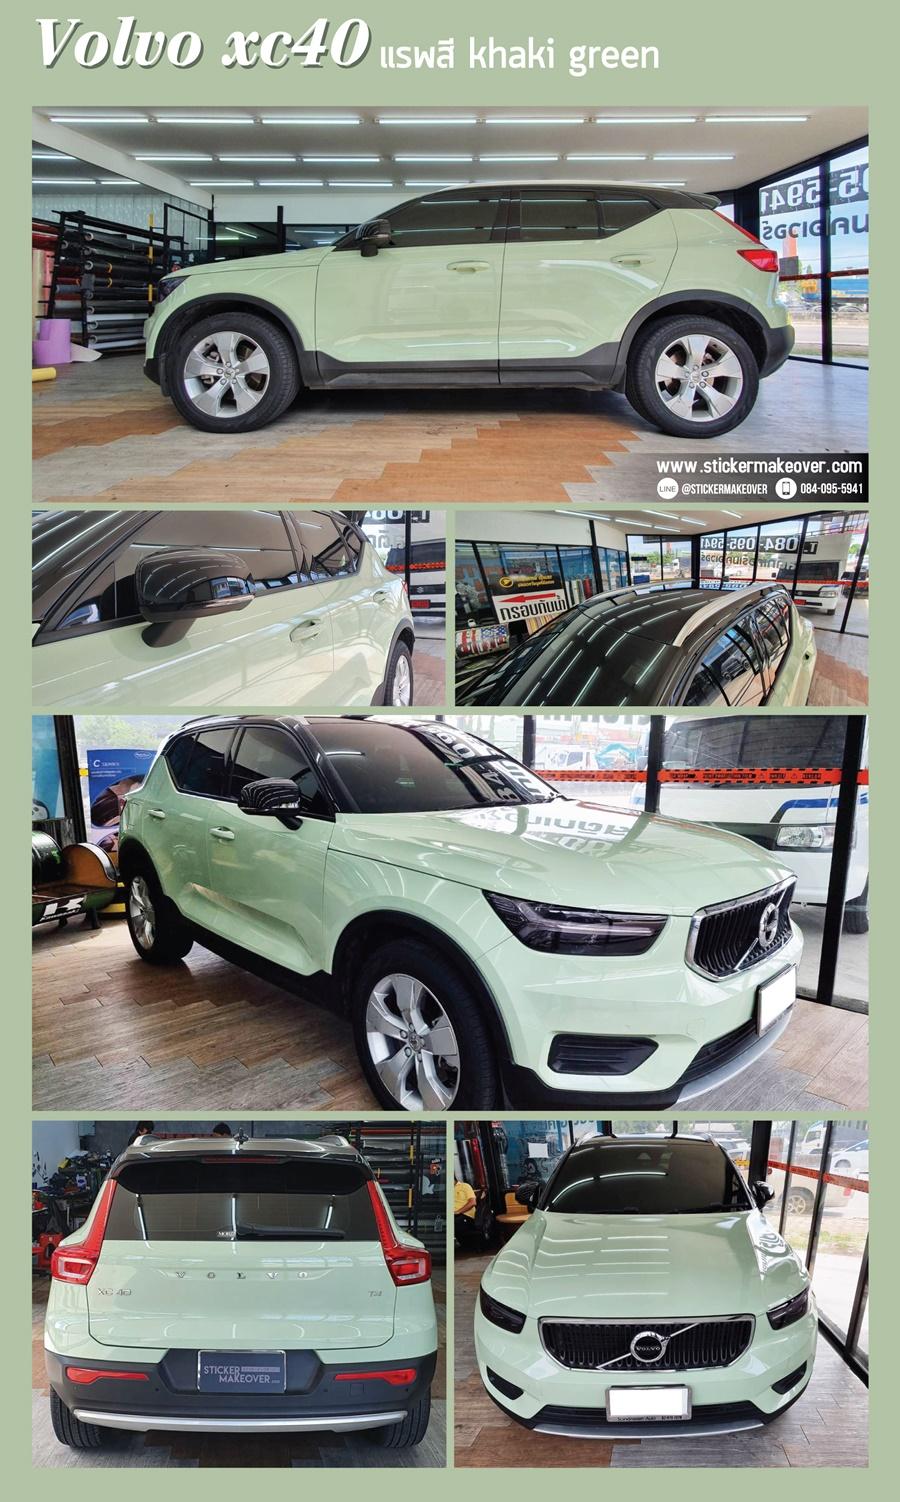 สติกเกอร์สี khaki green หุ้มเปลี่ยนสี Volvo xc40 หุ้มเปลี่ยนสีรถด้วยสติกเกอร์ wrap car  แรพเปลี่ยนสีรถ แรพสติกเกอร์สีรถ เปลี่ยนสีรถด้วยฟิล์ม หุ้มสติกเกอร์เปลี่ยนสีรถ wrapเปลี่ยนสีรถ ติดสติกเกอร์รถ ร้านสติกเกอร์แถวนนทบุรี หุ้มเปลี่ยนสีรถราคาไม่แพง สติกเกอร์ติดรถทั้งคัน ฟิล์มติดสีรถ สติกเกอร์หุ้มเปลี่ยนสีรถ3M  สติกเกอร์เปลี่ยนสีรถ oracal สติกเกอร์เปลี่ยนสีรถเทาซาติน